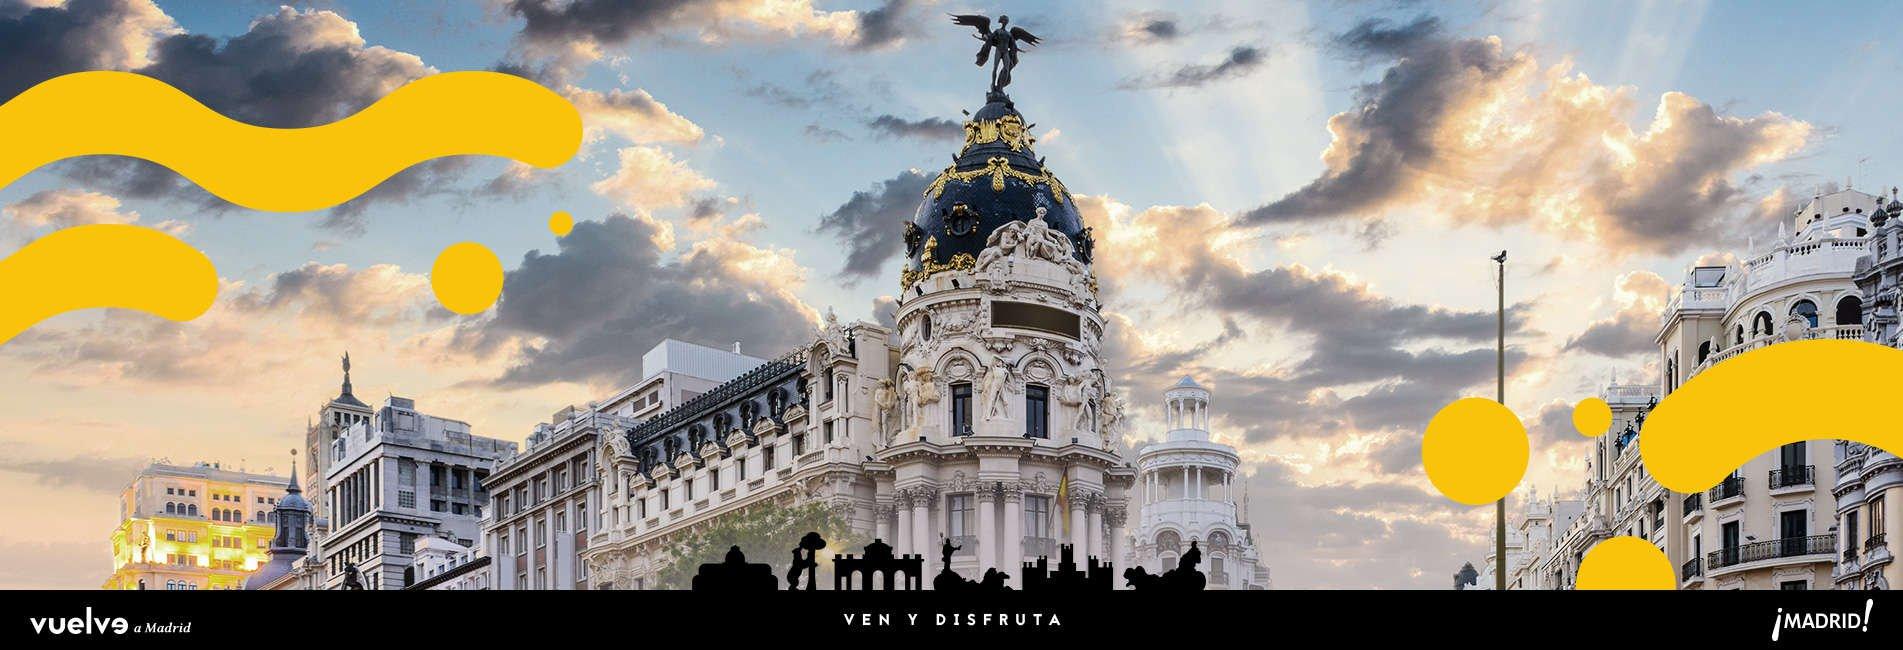 Vuelve a Madrid. Edificio Metrópoli